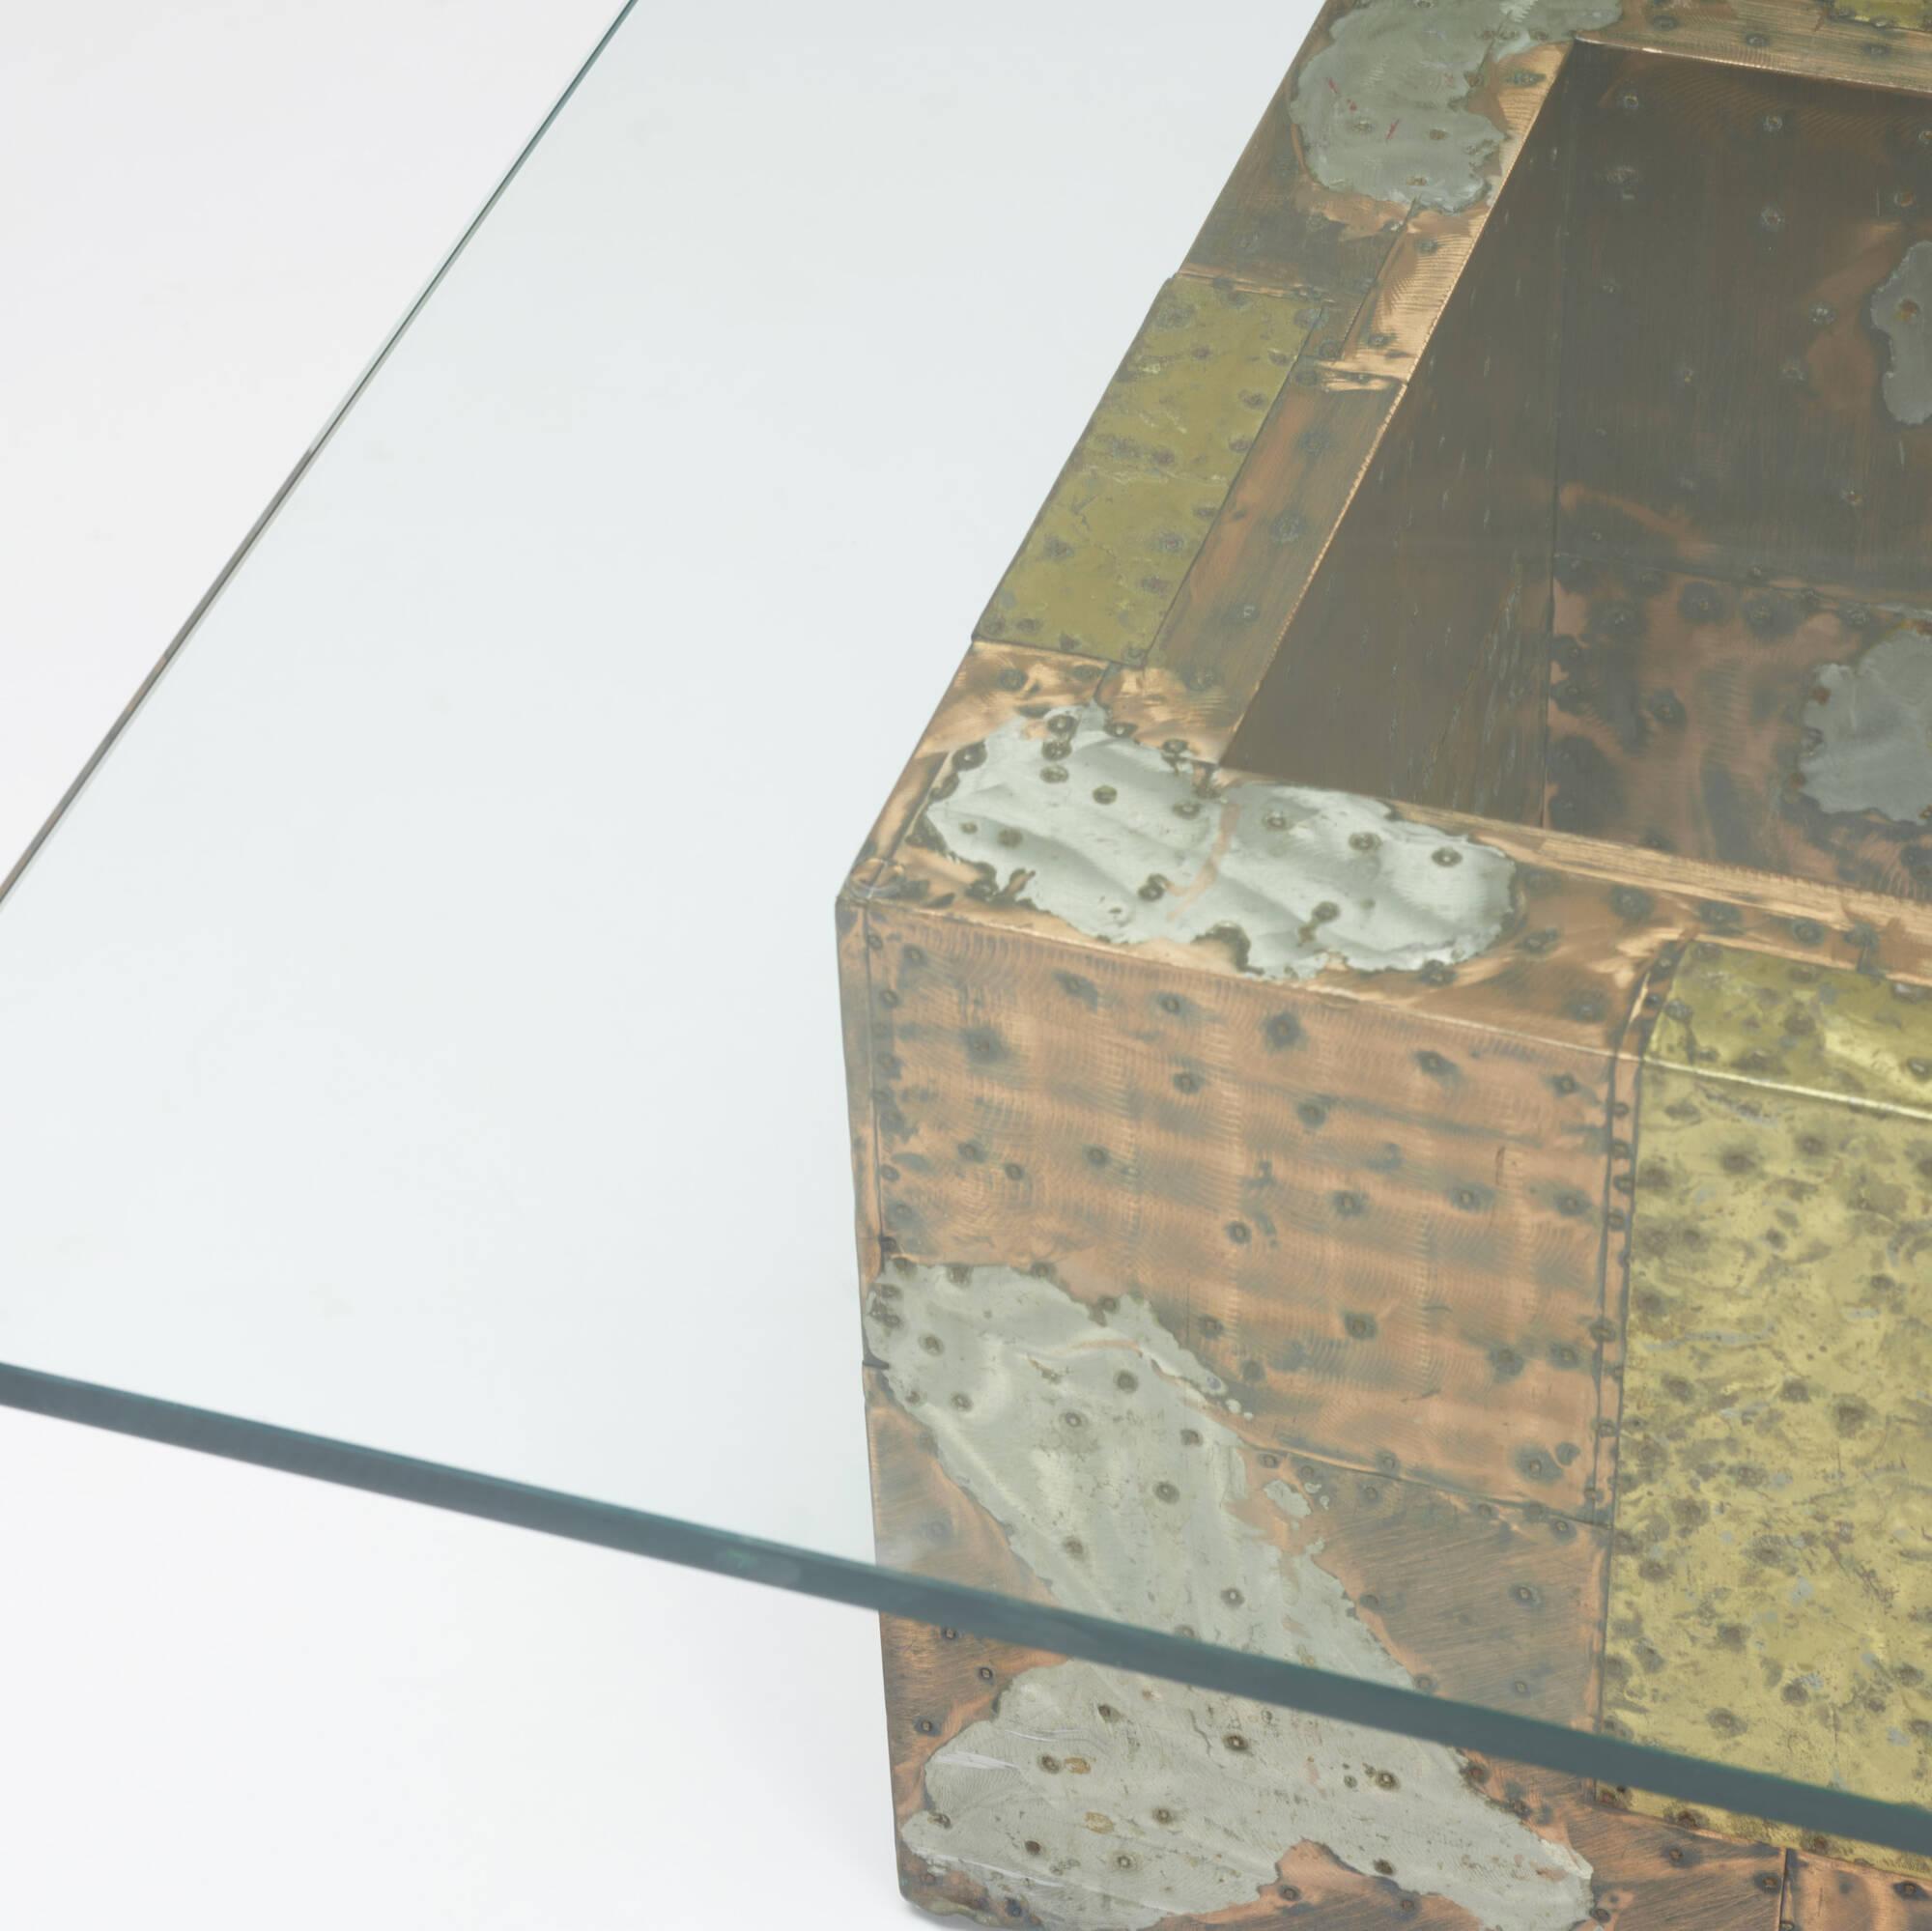 166: Paul Evans / PE 30 coffee table (2 of 2)